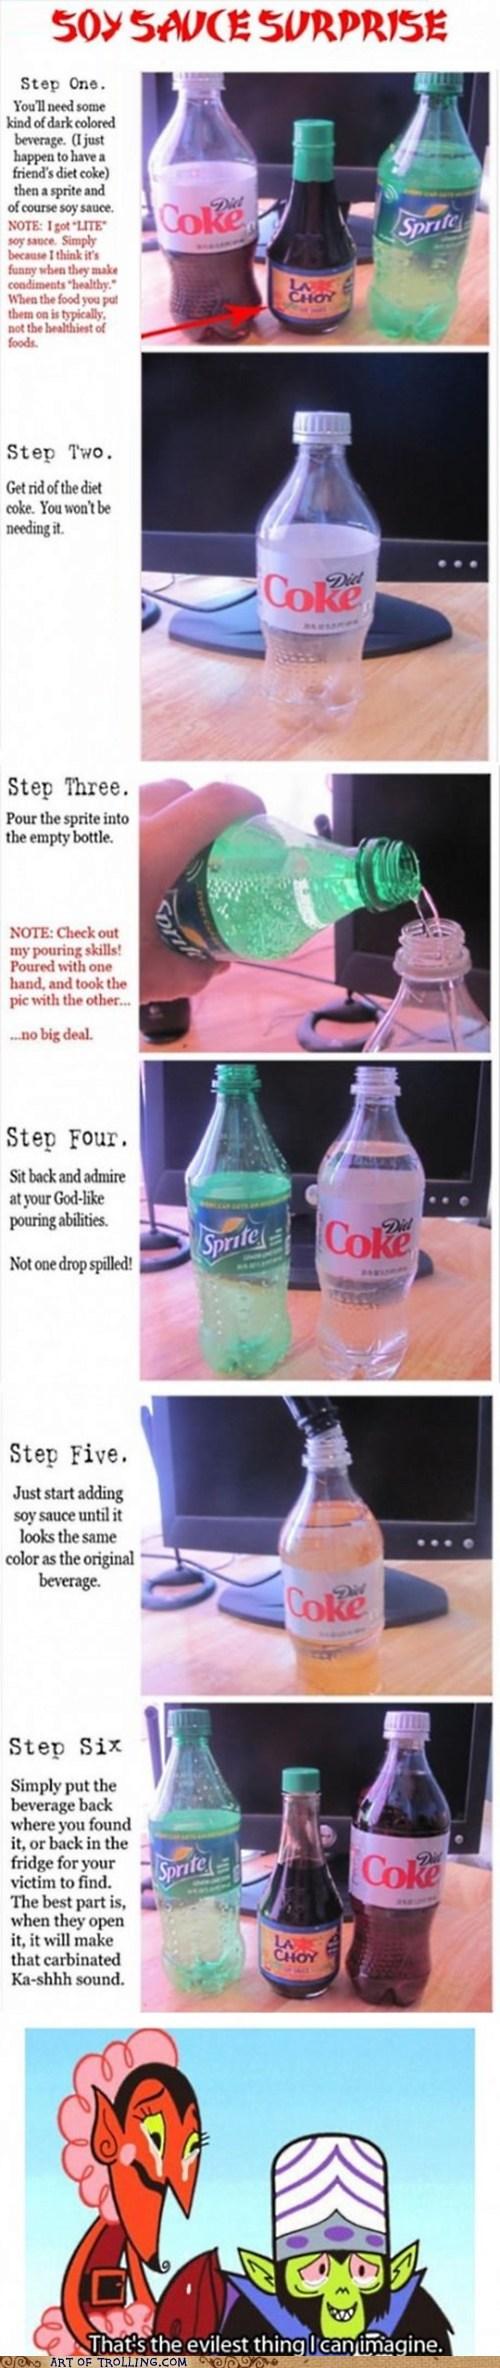 diet coke soy sauce coke - 7165689856